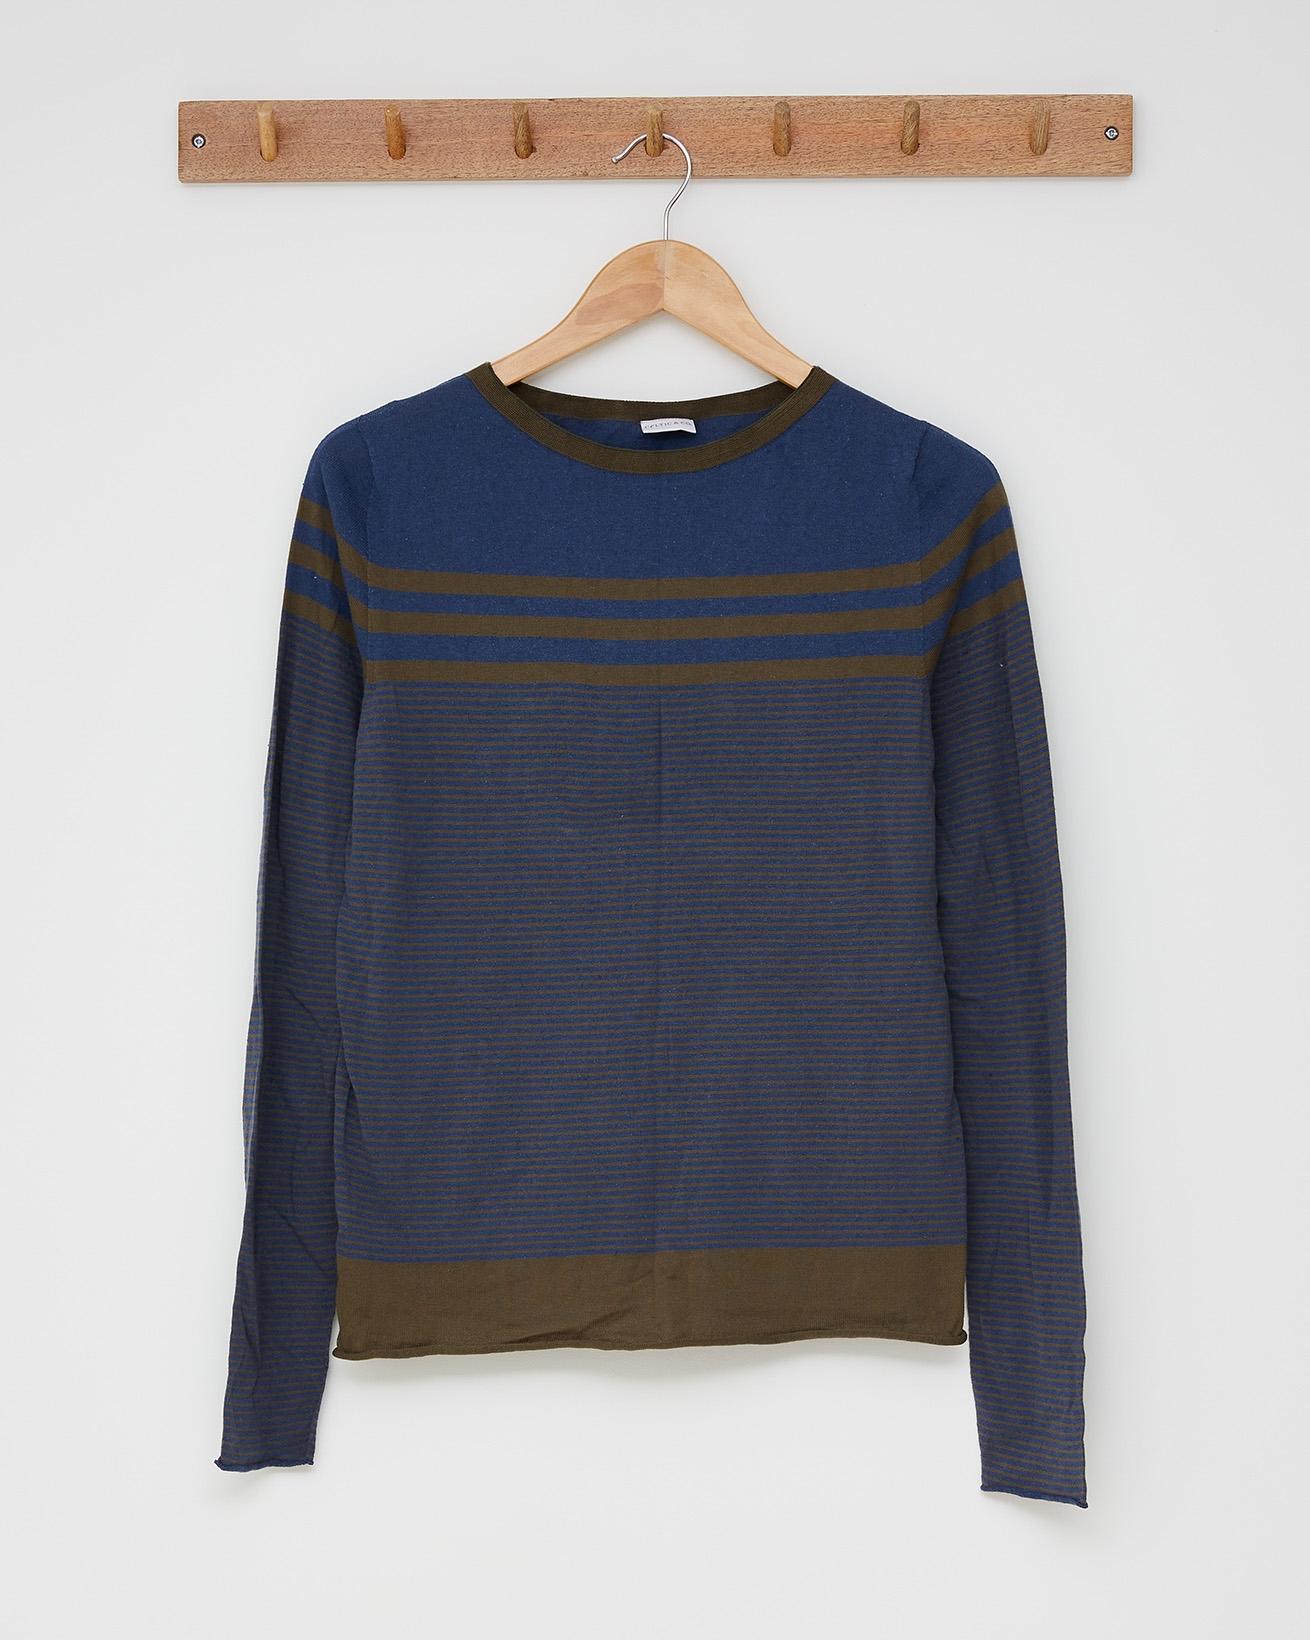 Stripey cotton crew top - Size Small - Khaki, icelandic blue - 2489